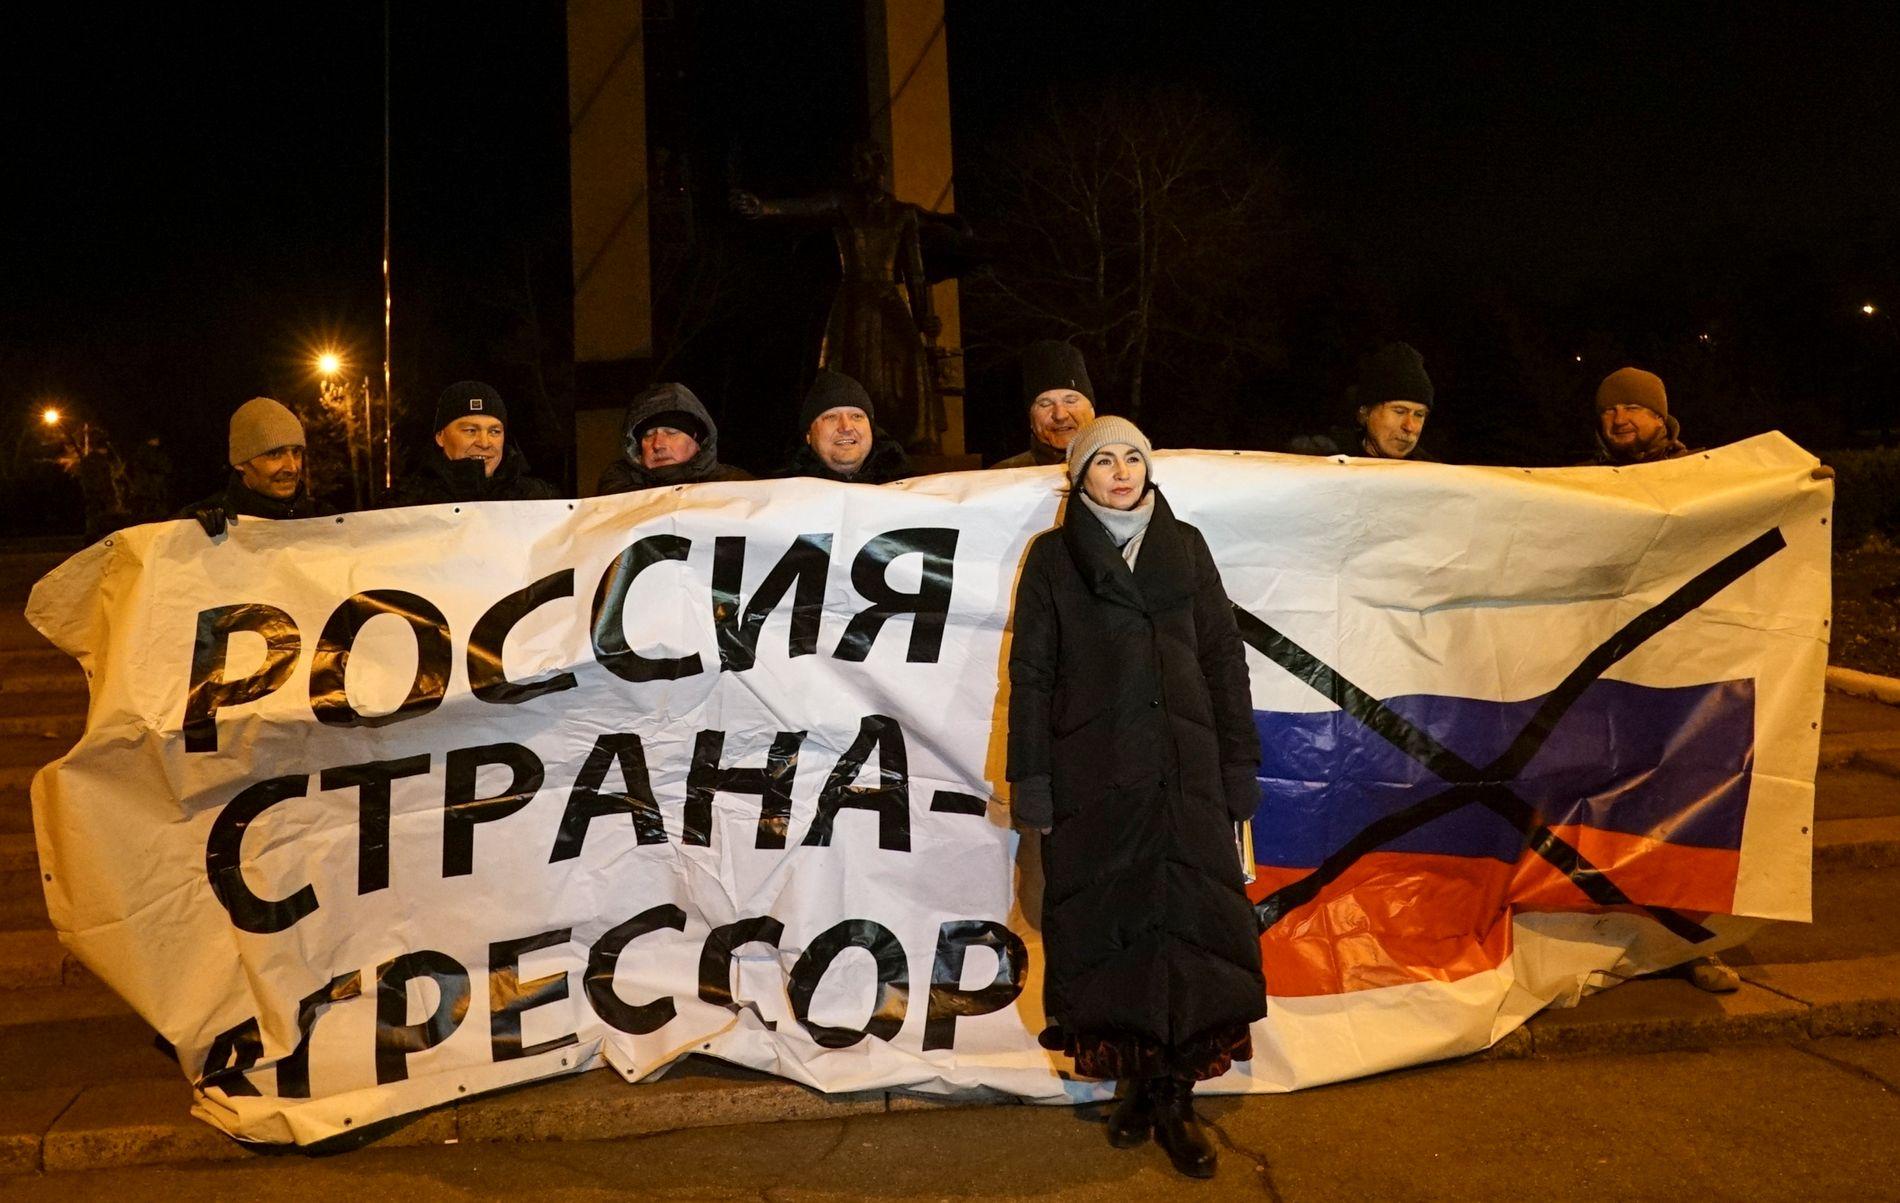 PROTESTERTE: Onsdag protesterte ukrainere i byen   Mariupol mot blokaden av Azovhavet. På banneret står det «Ingen blokade av Azovhavet».